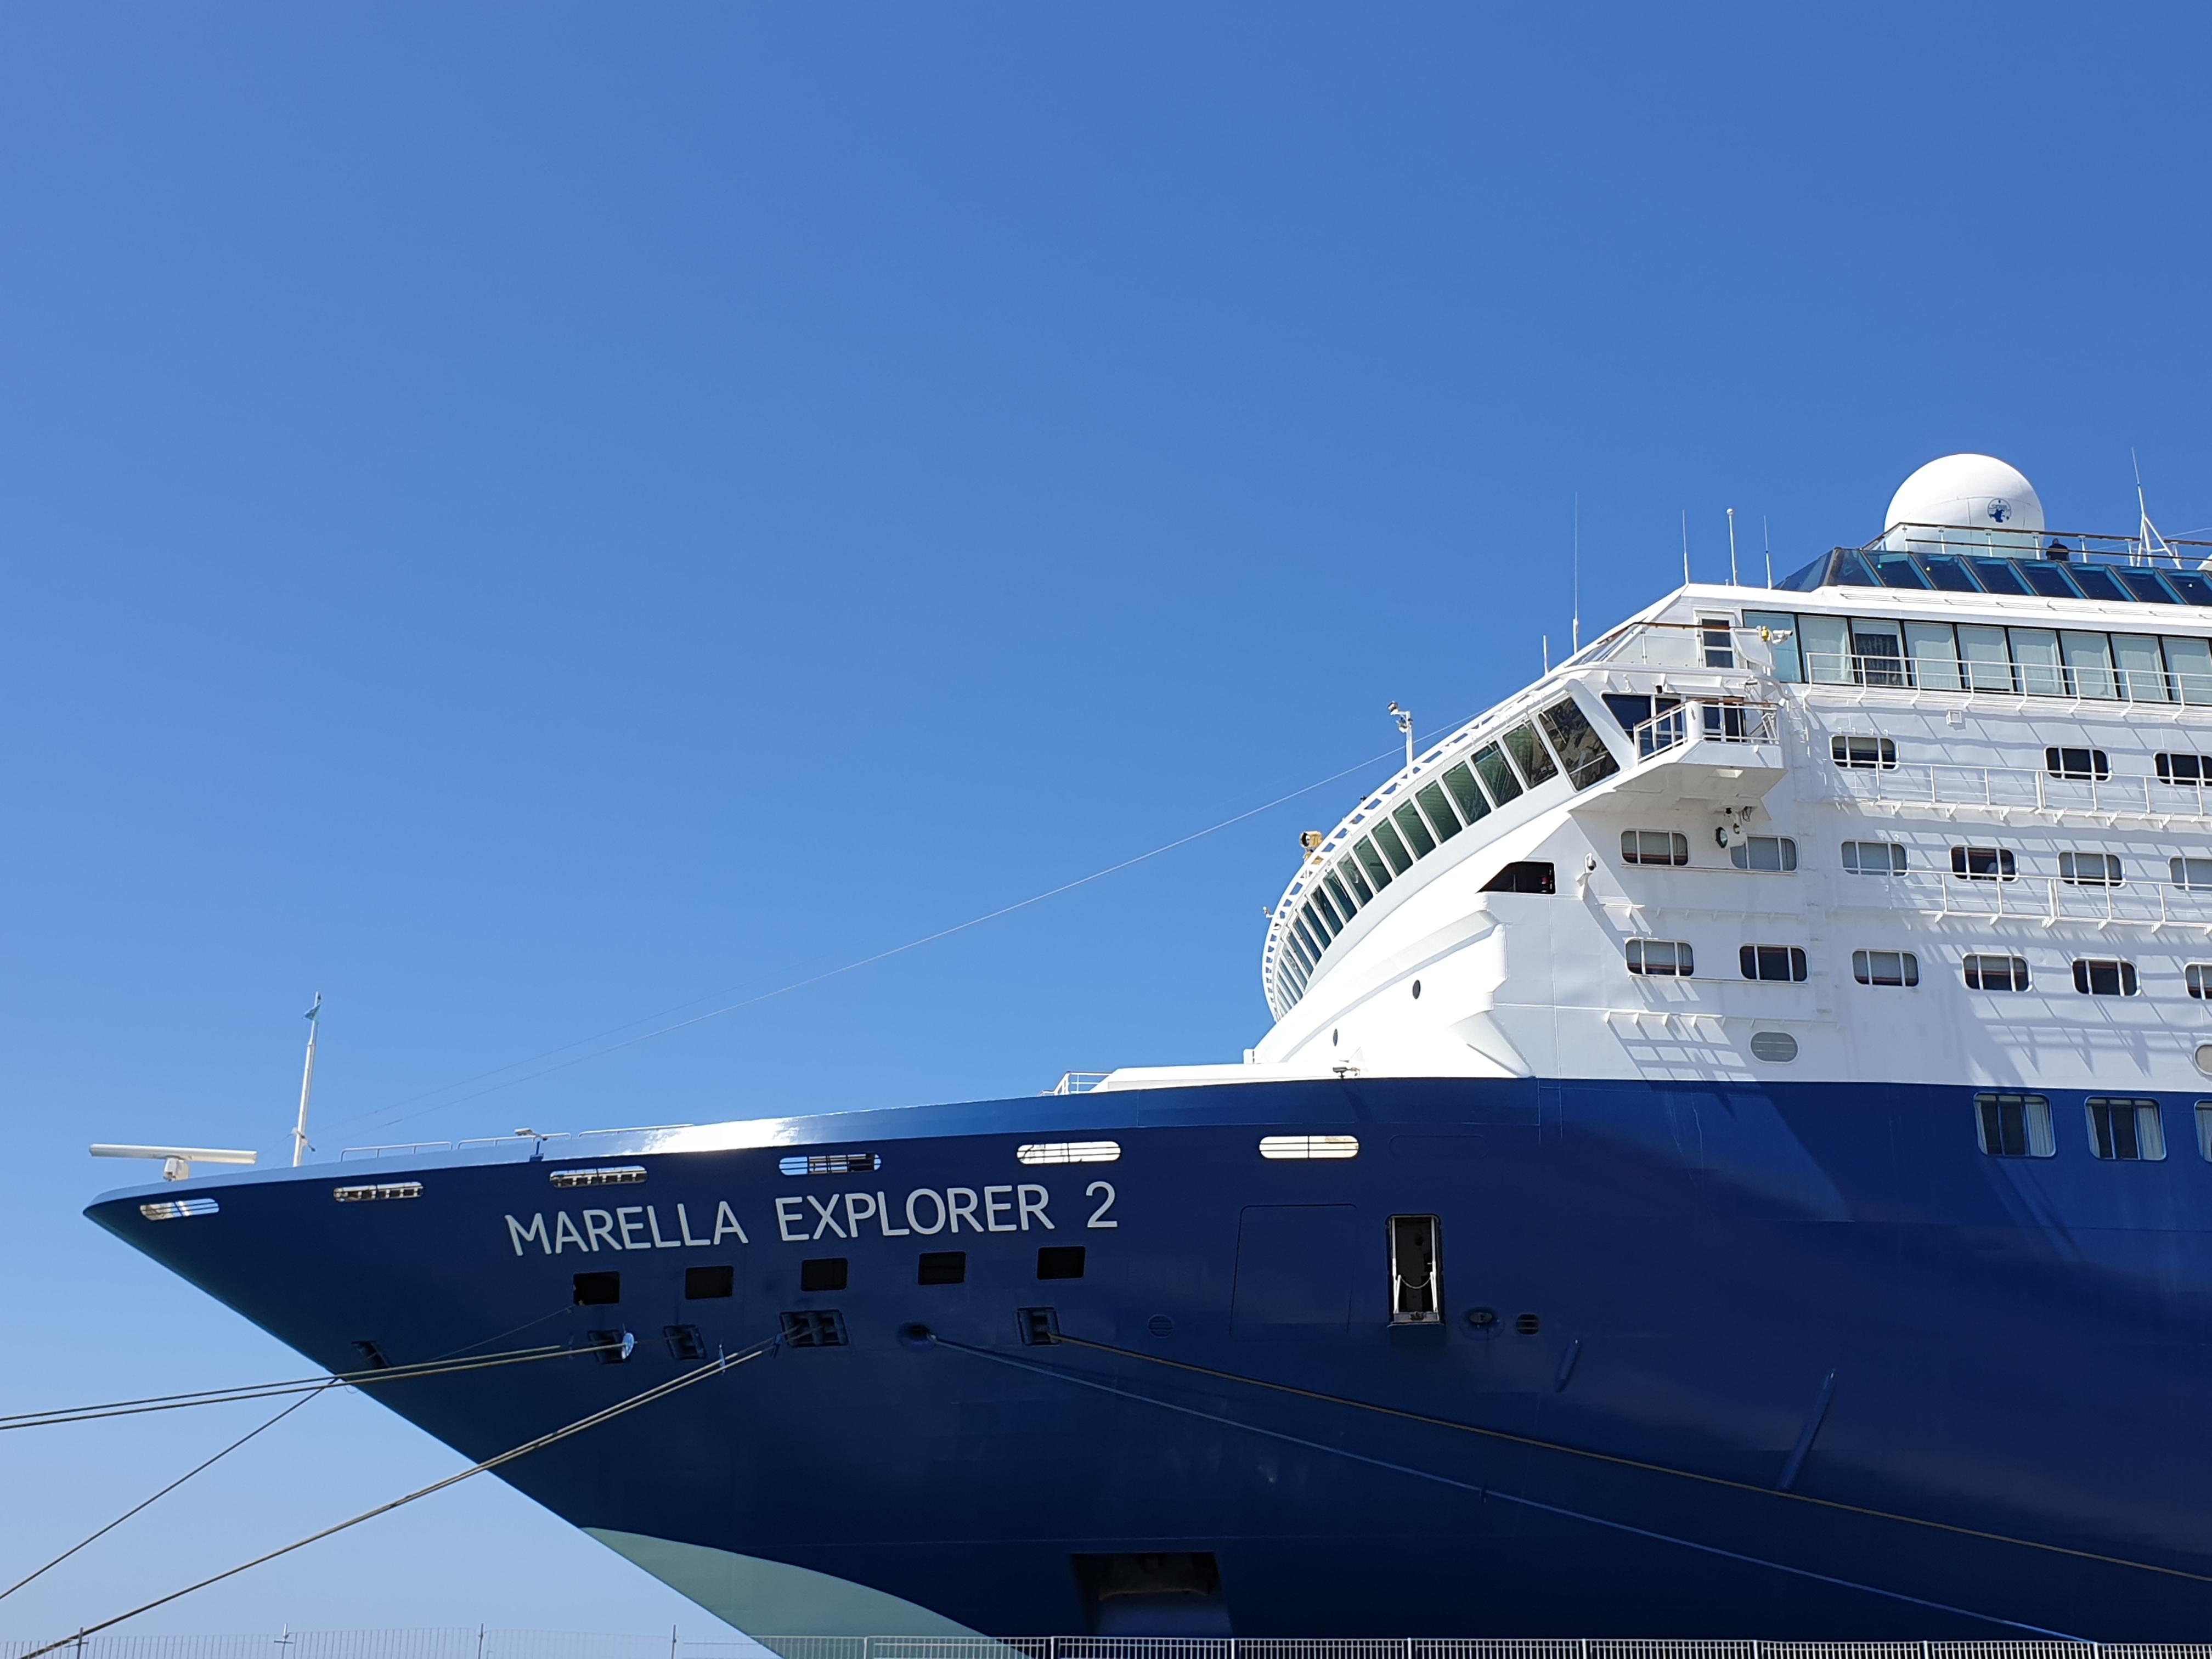 Descobrindo Marella Explorer 2